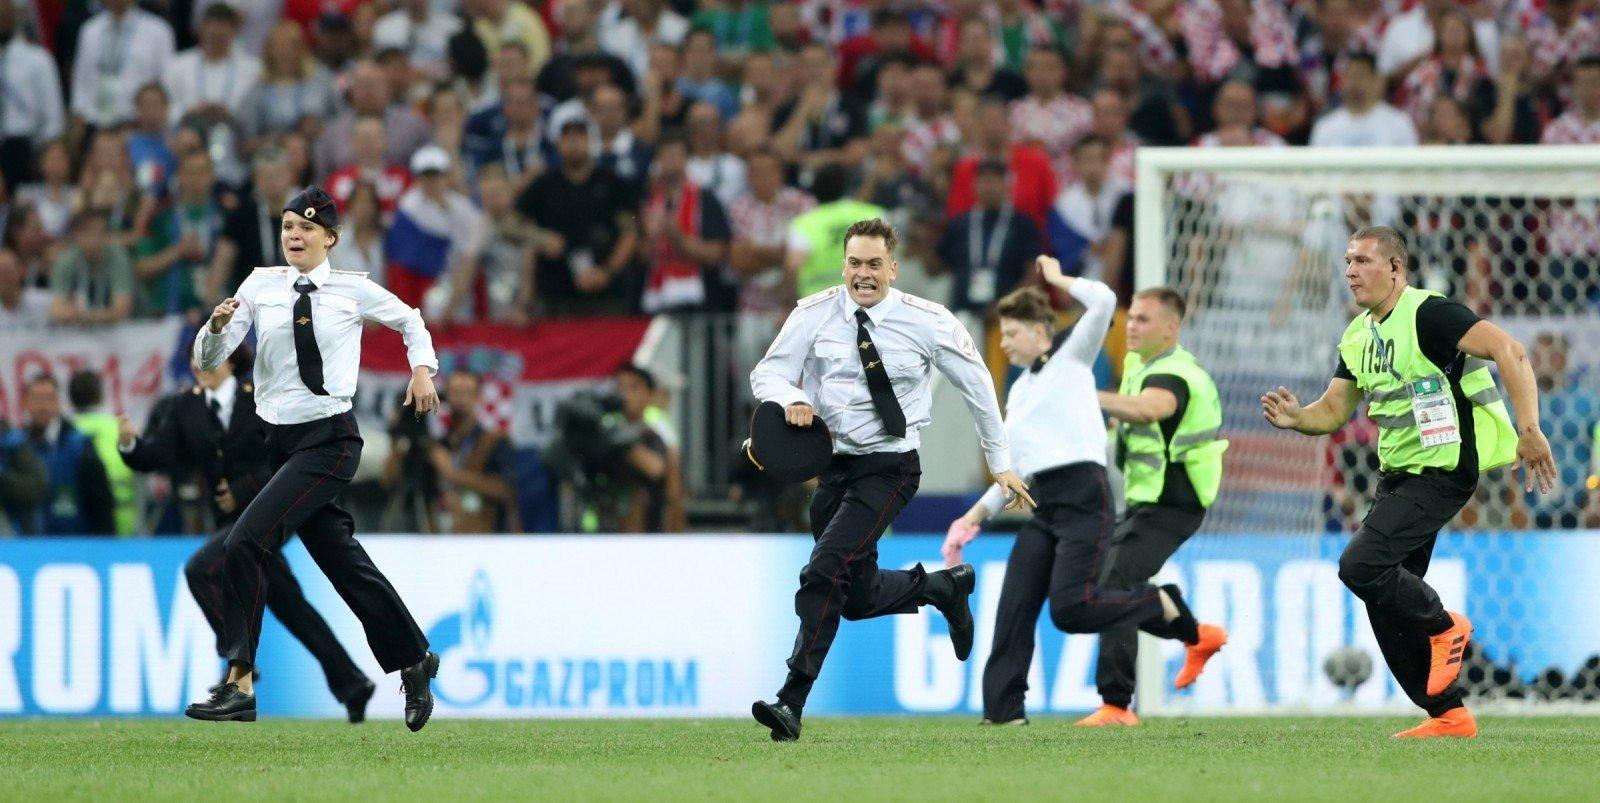 Матч прерывался из-за выбежавших наполе болельщиков— Хорватия